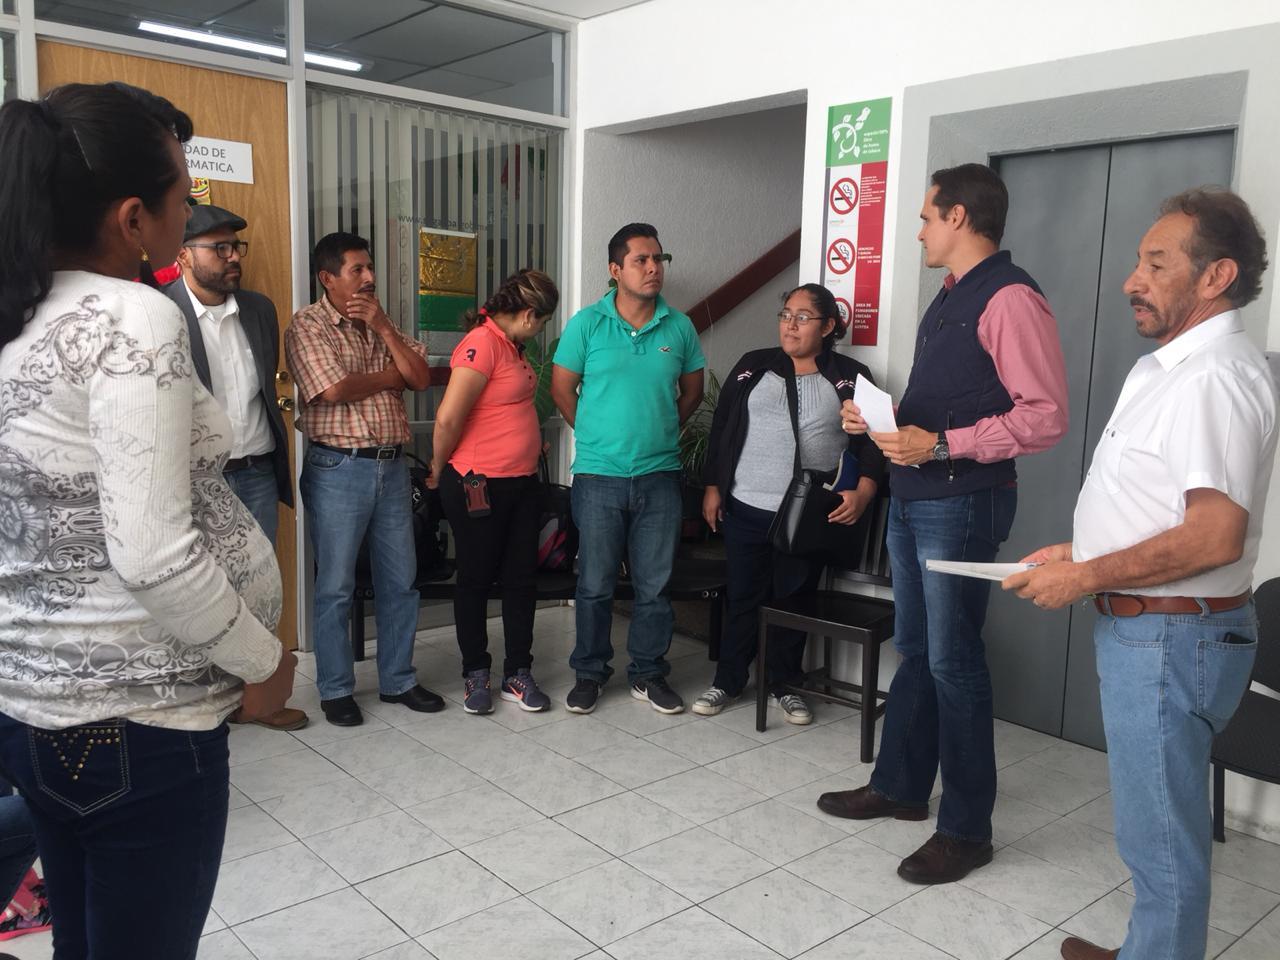 SAGARPA a través de FAPPA entrega proyectos productivos a más 630 familias potosinas